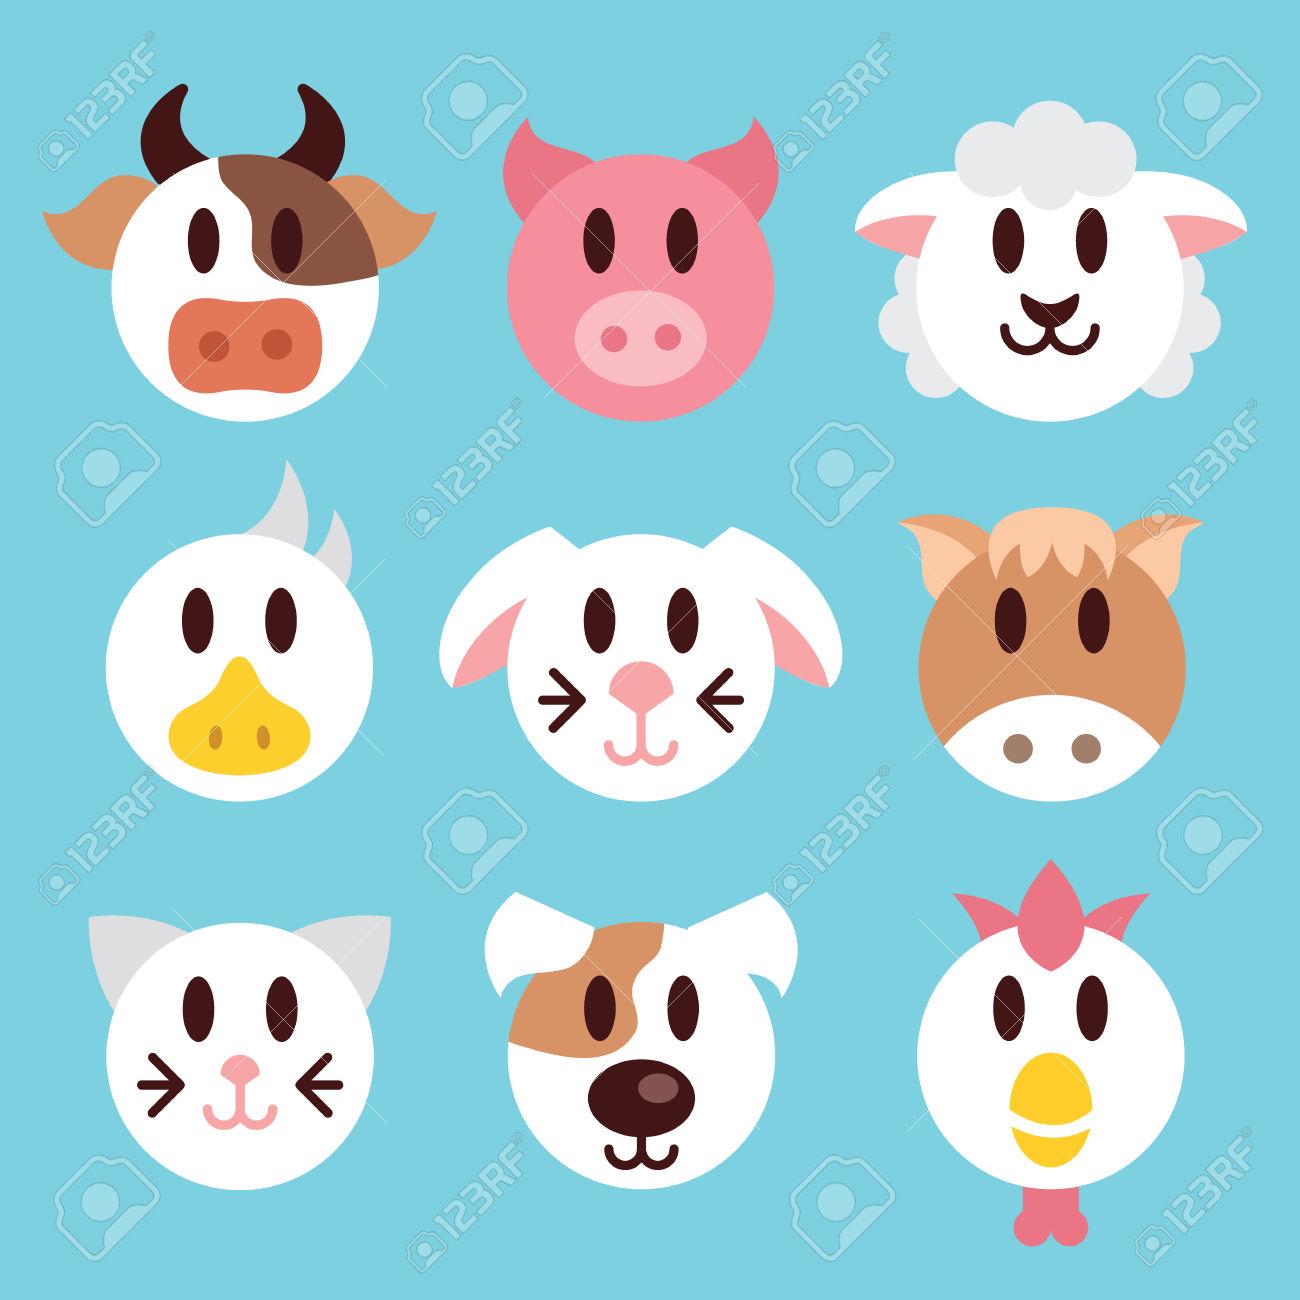 1300x1300 Face Clipart Farm Animal 3512632